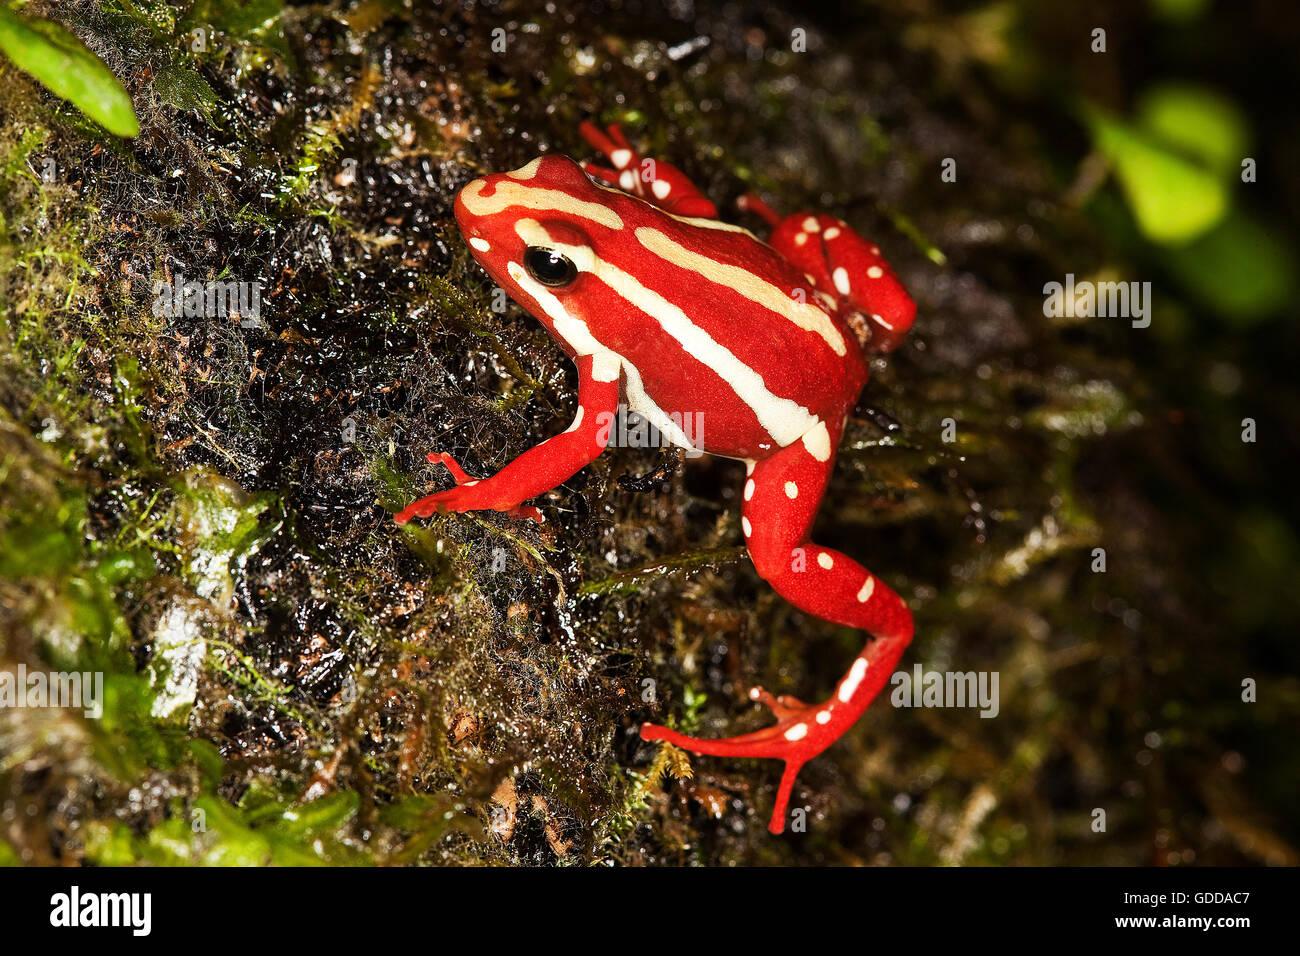 Phantasmal poison frog epipedobates tricolor erwachsener giftiger frosch aus s damerika - Frosch auf englisch ...